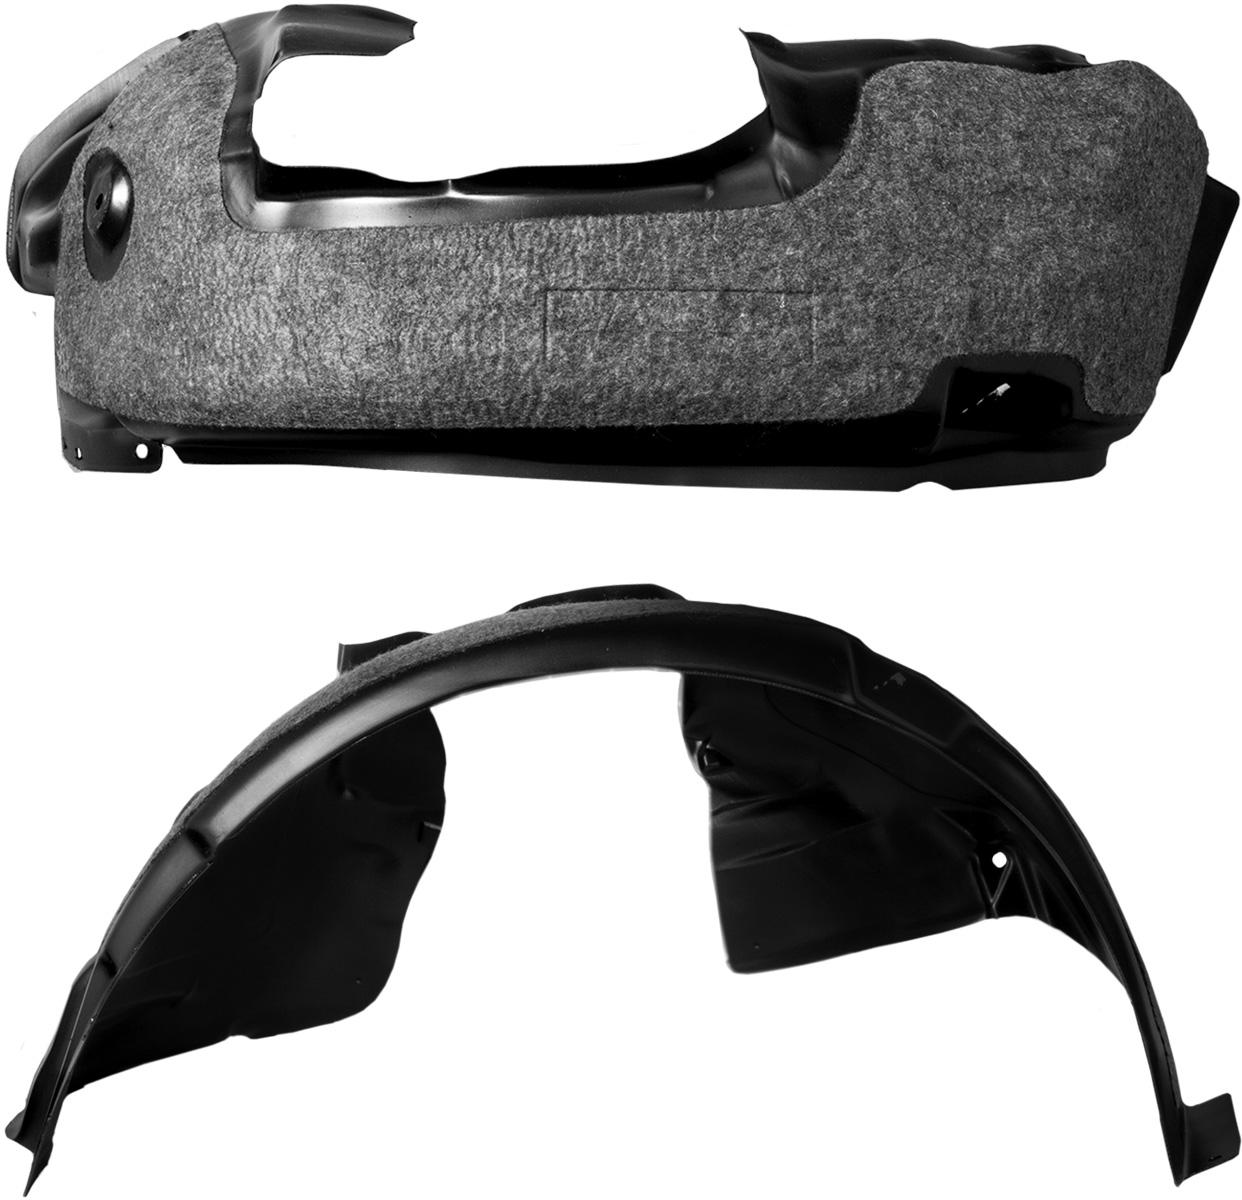 Подкрылок с шумоизоляцией Novline-Autofamily, для Peugeot 408 седан, 04/2012 -> (задний правый)NLS.36.49.002Подкрылок с шумоизоляцией - революционный продукт, совмещающий в себе все достоинства обычного подкрылка, и в то же время являющийся одним из наиболее эффективных средств борьбы с внешним шумом в салоне автомобиля. Подкрылки бренда Novline-Autofamily разрабатываются индивидуально для каждого автомобиля с использованием метода 3D-сканирования.В качестве шумоизолирующего слоя применяется легкое синтетическое нетканое полотно толщиной 10 мм, которое отталкивает влагу, сохраняет свои шумоизоляционные свойства на протяжении всего периода эксплуатации.Подкрылки с шумоизоляцией не имеют эксплуатационных ограничений и устанавливаются один раз на весь срок службы автомобиля.Подкрылки с шумоизоляцией не имеют аналогов и являются российским изобретением, получившим признание во всём мире. Уважаемые клиенты! Обращаем ваше внимание, фото может не полностью соответствовать оригиналу.